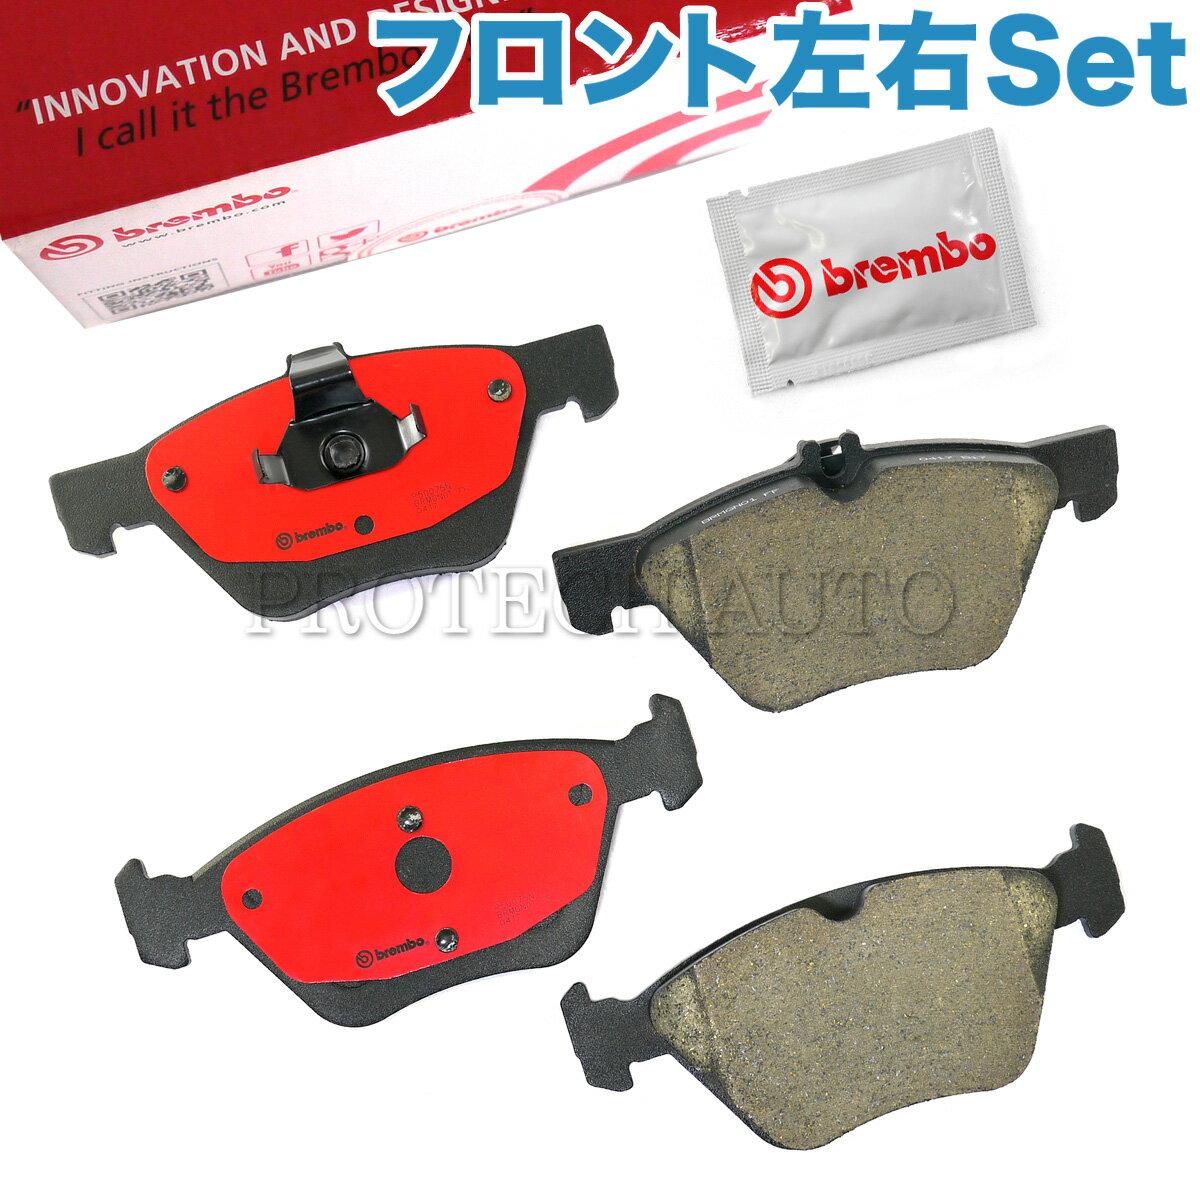 Brembo製 ベンツ R170 C208 A208 フロント ブレーキパッド/ディスクパッド 左右セット 0024200320 0044200320 0024205020 SLK320 CLK320【あす楽対応】